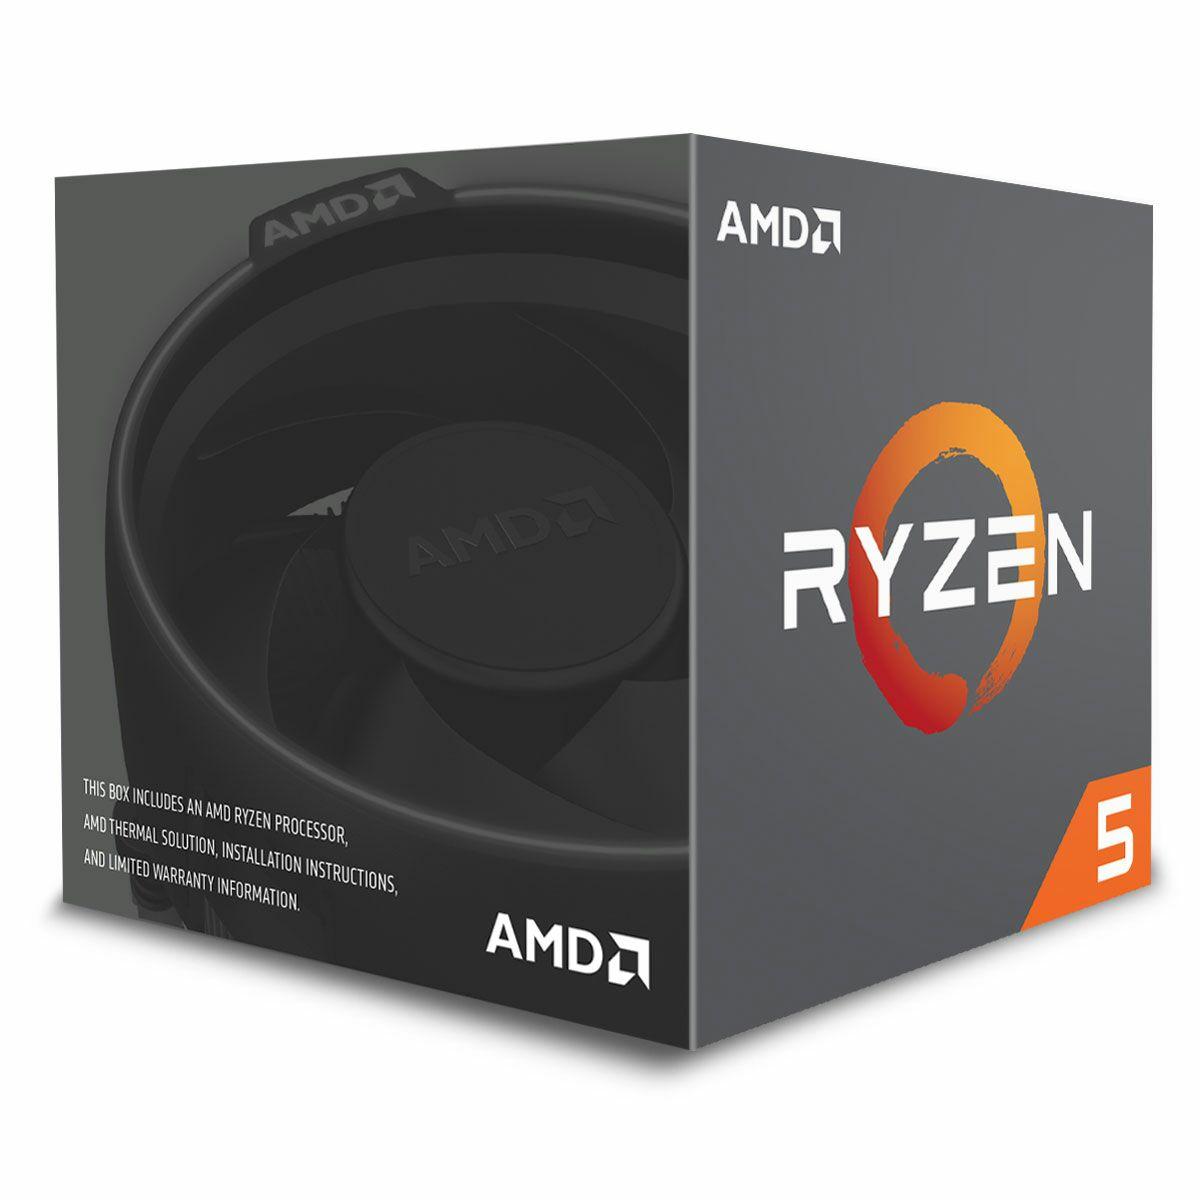 Sélection de processeur Ryzen AMD en promo - Ex: AMD Ryzen 5 1600 Wraith Spire Edition (3.2 GHz) + Quake Champions (Dématérialisé)